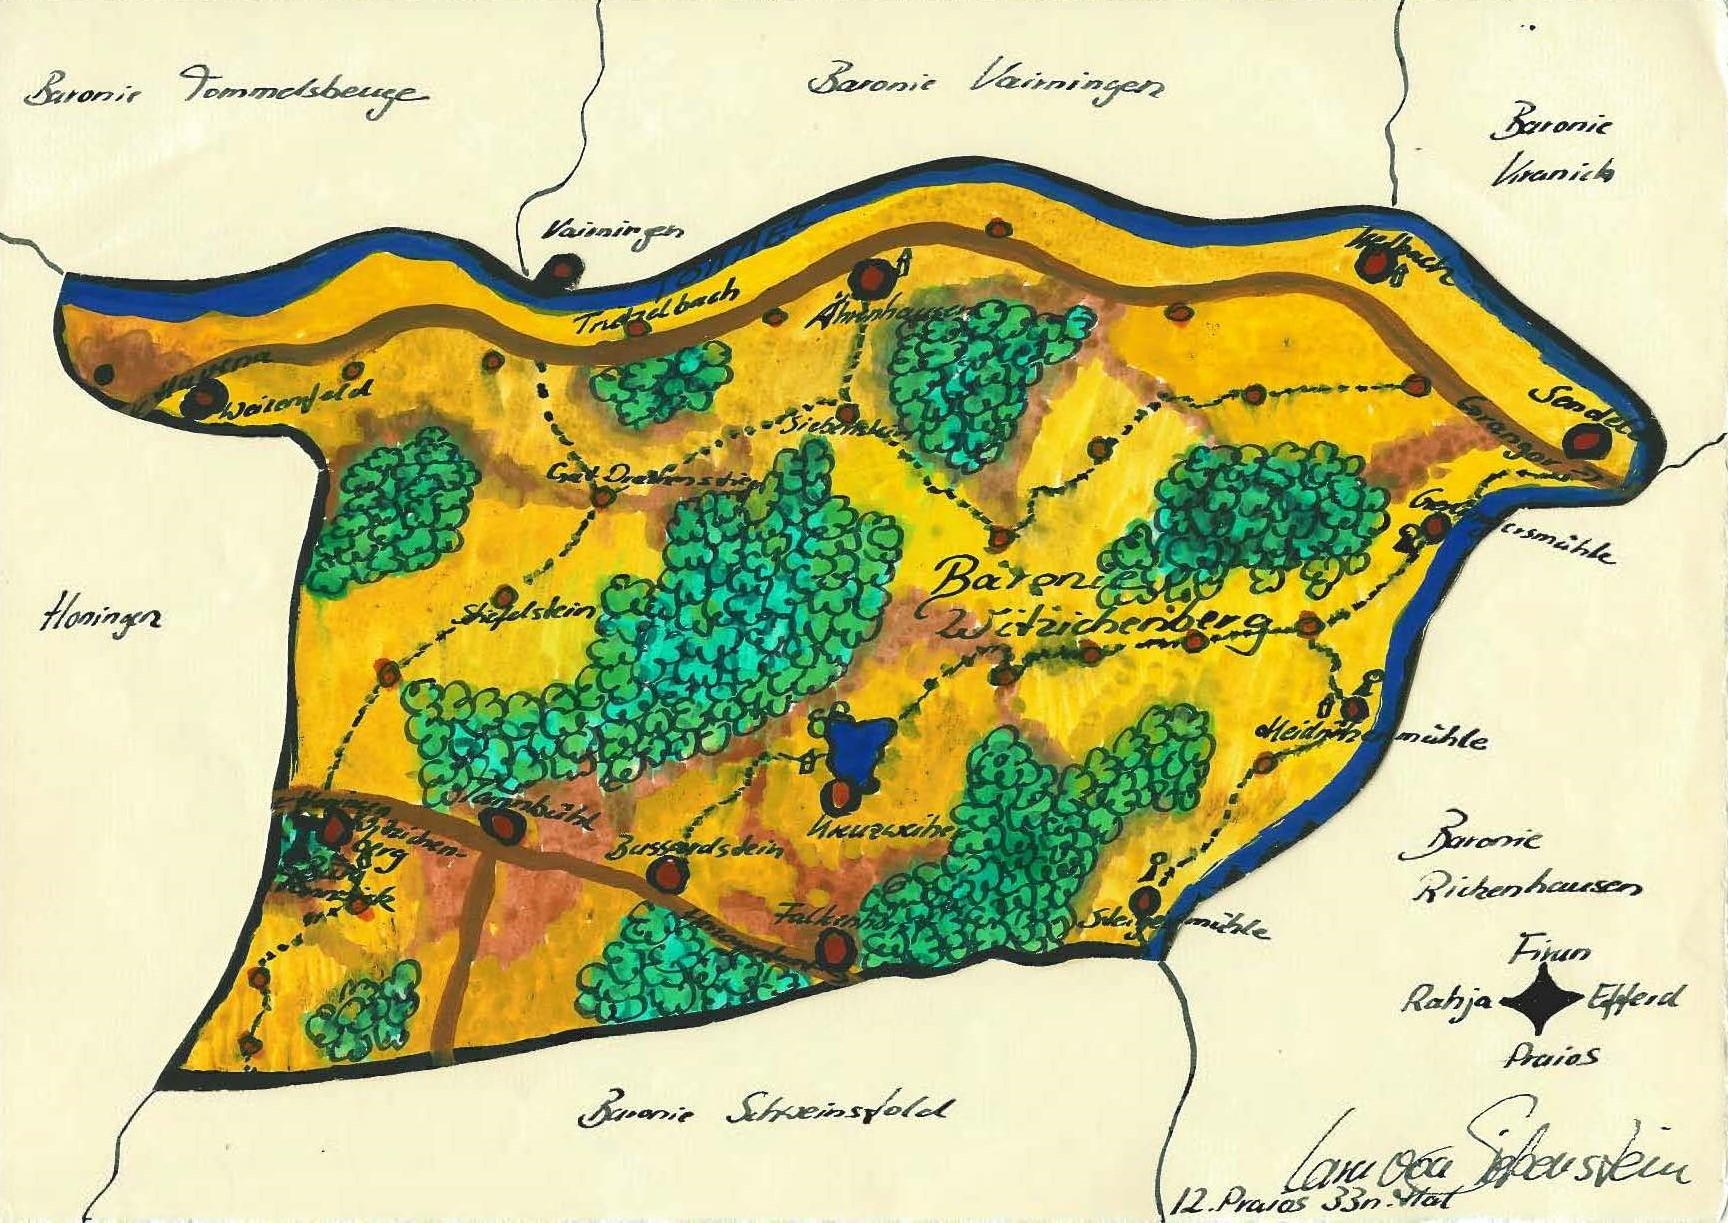 Karte Witzichenberg (c) S. Kirch